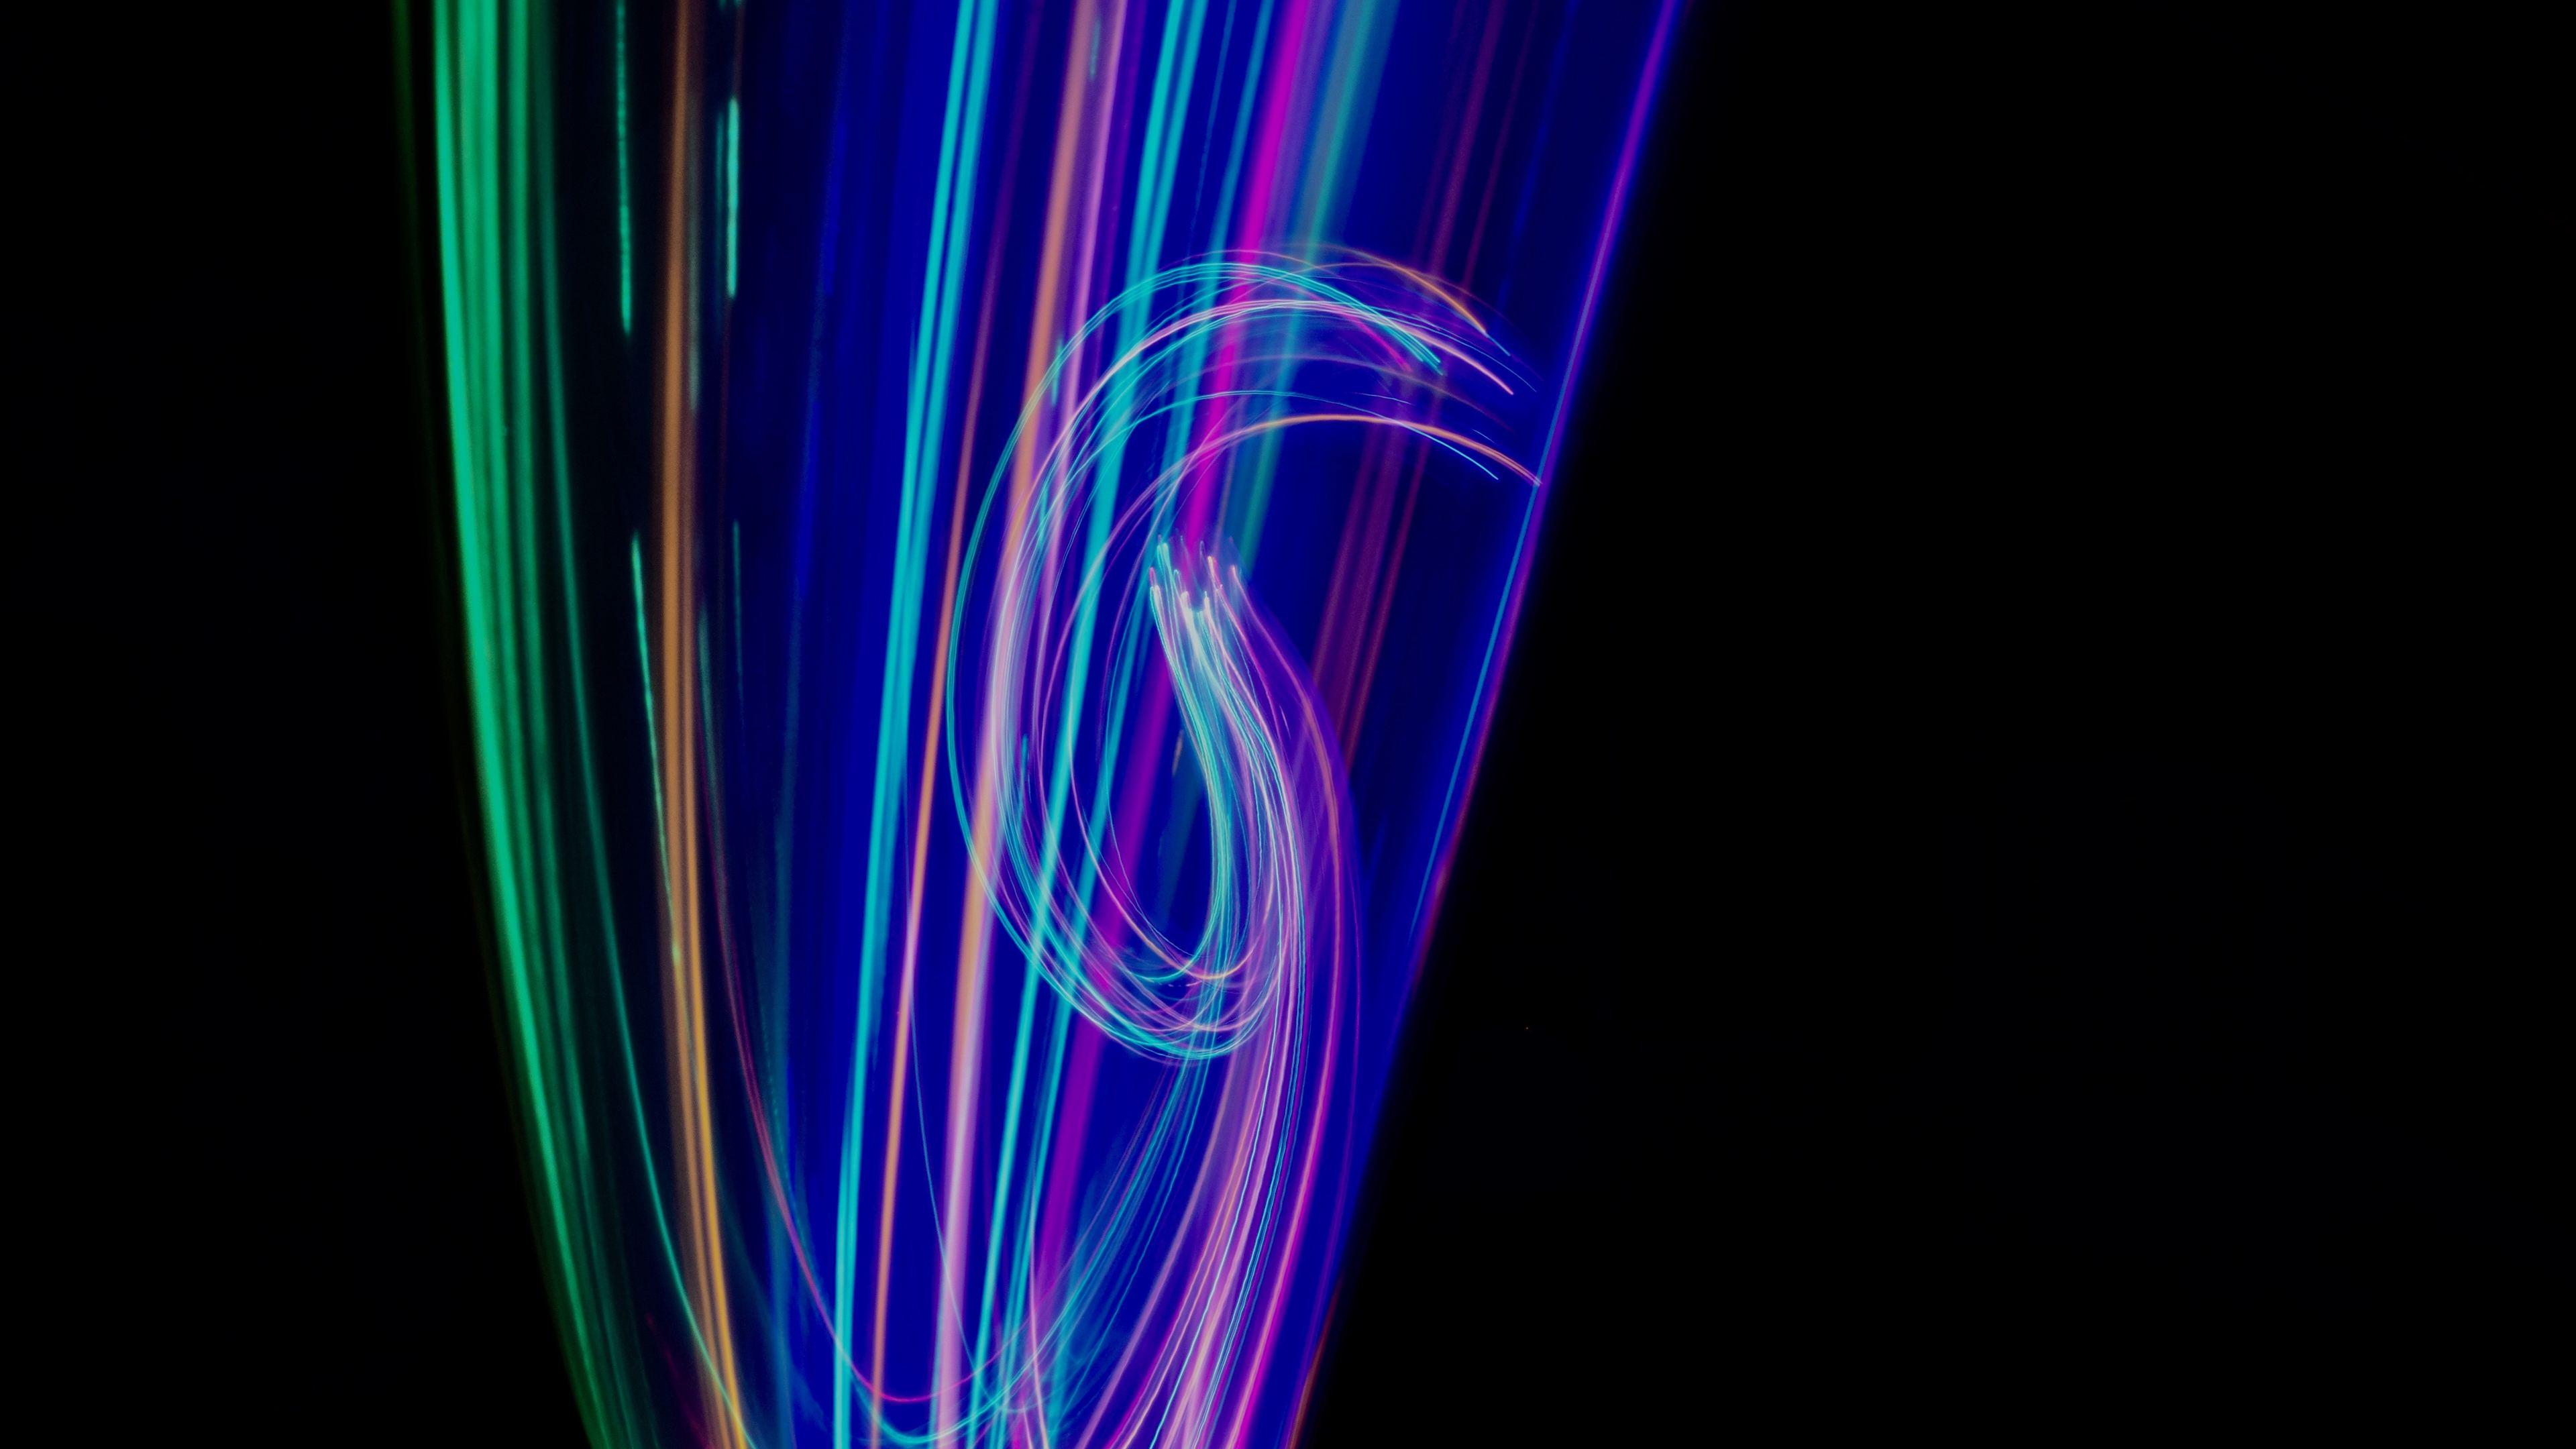 neon lights 5k 1539370991 - Neon Lights 5k - neon wallpapers, lights wallpapers, hd-wallpapers, 5k wallpapers, 4k-wallpapers